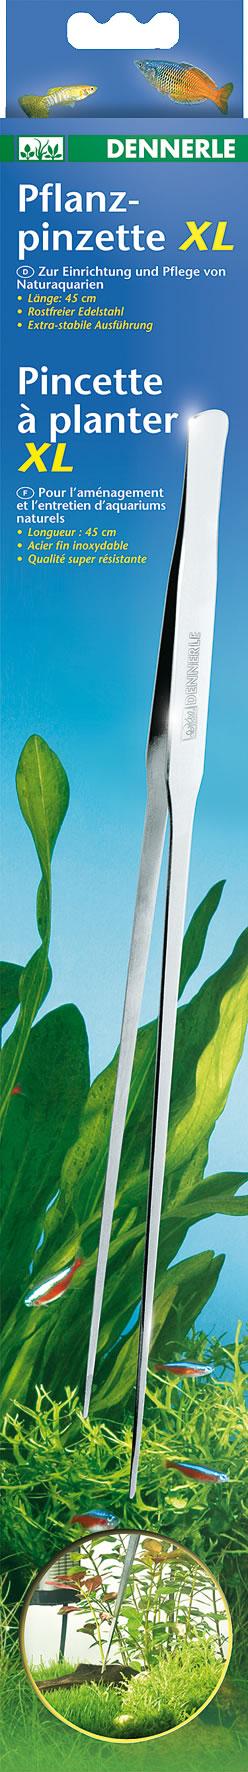 Dennerle Pflanzpinzette XL - 45 cm lang